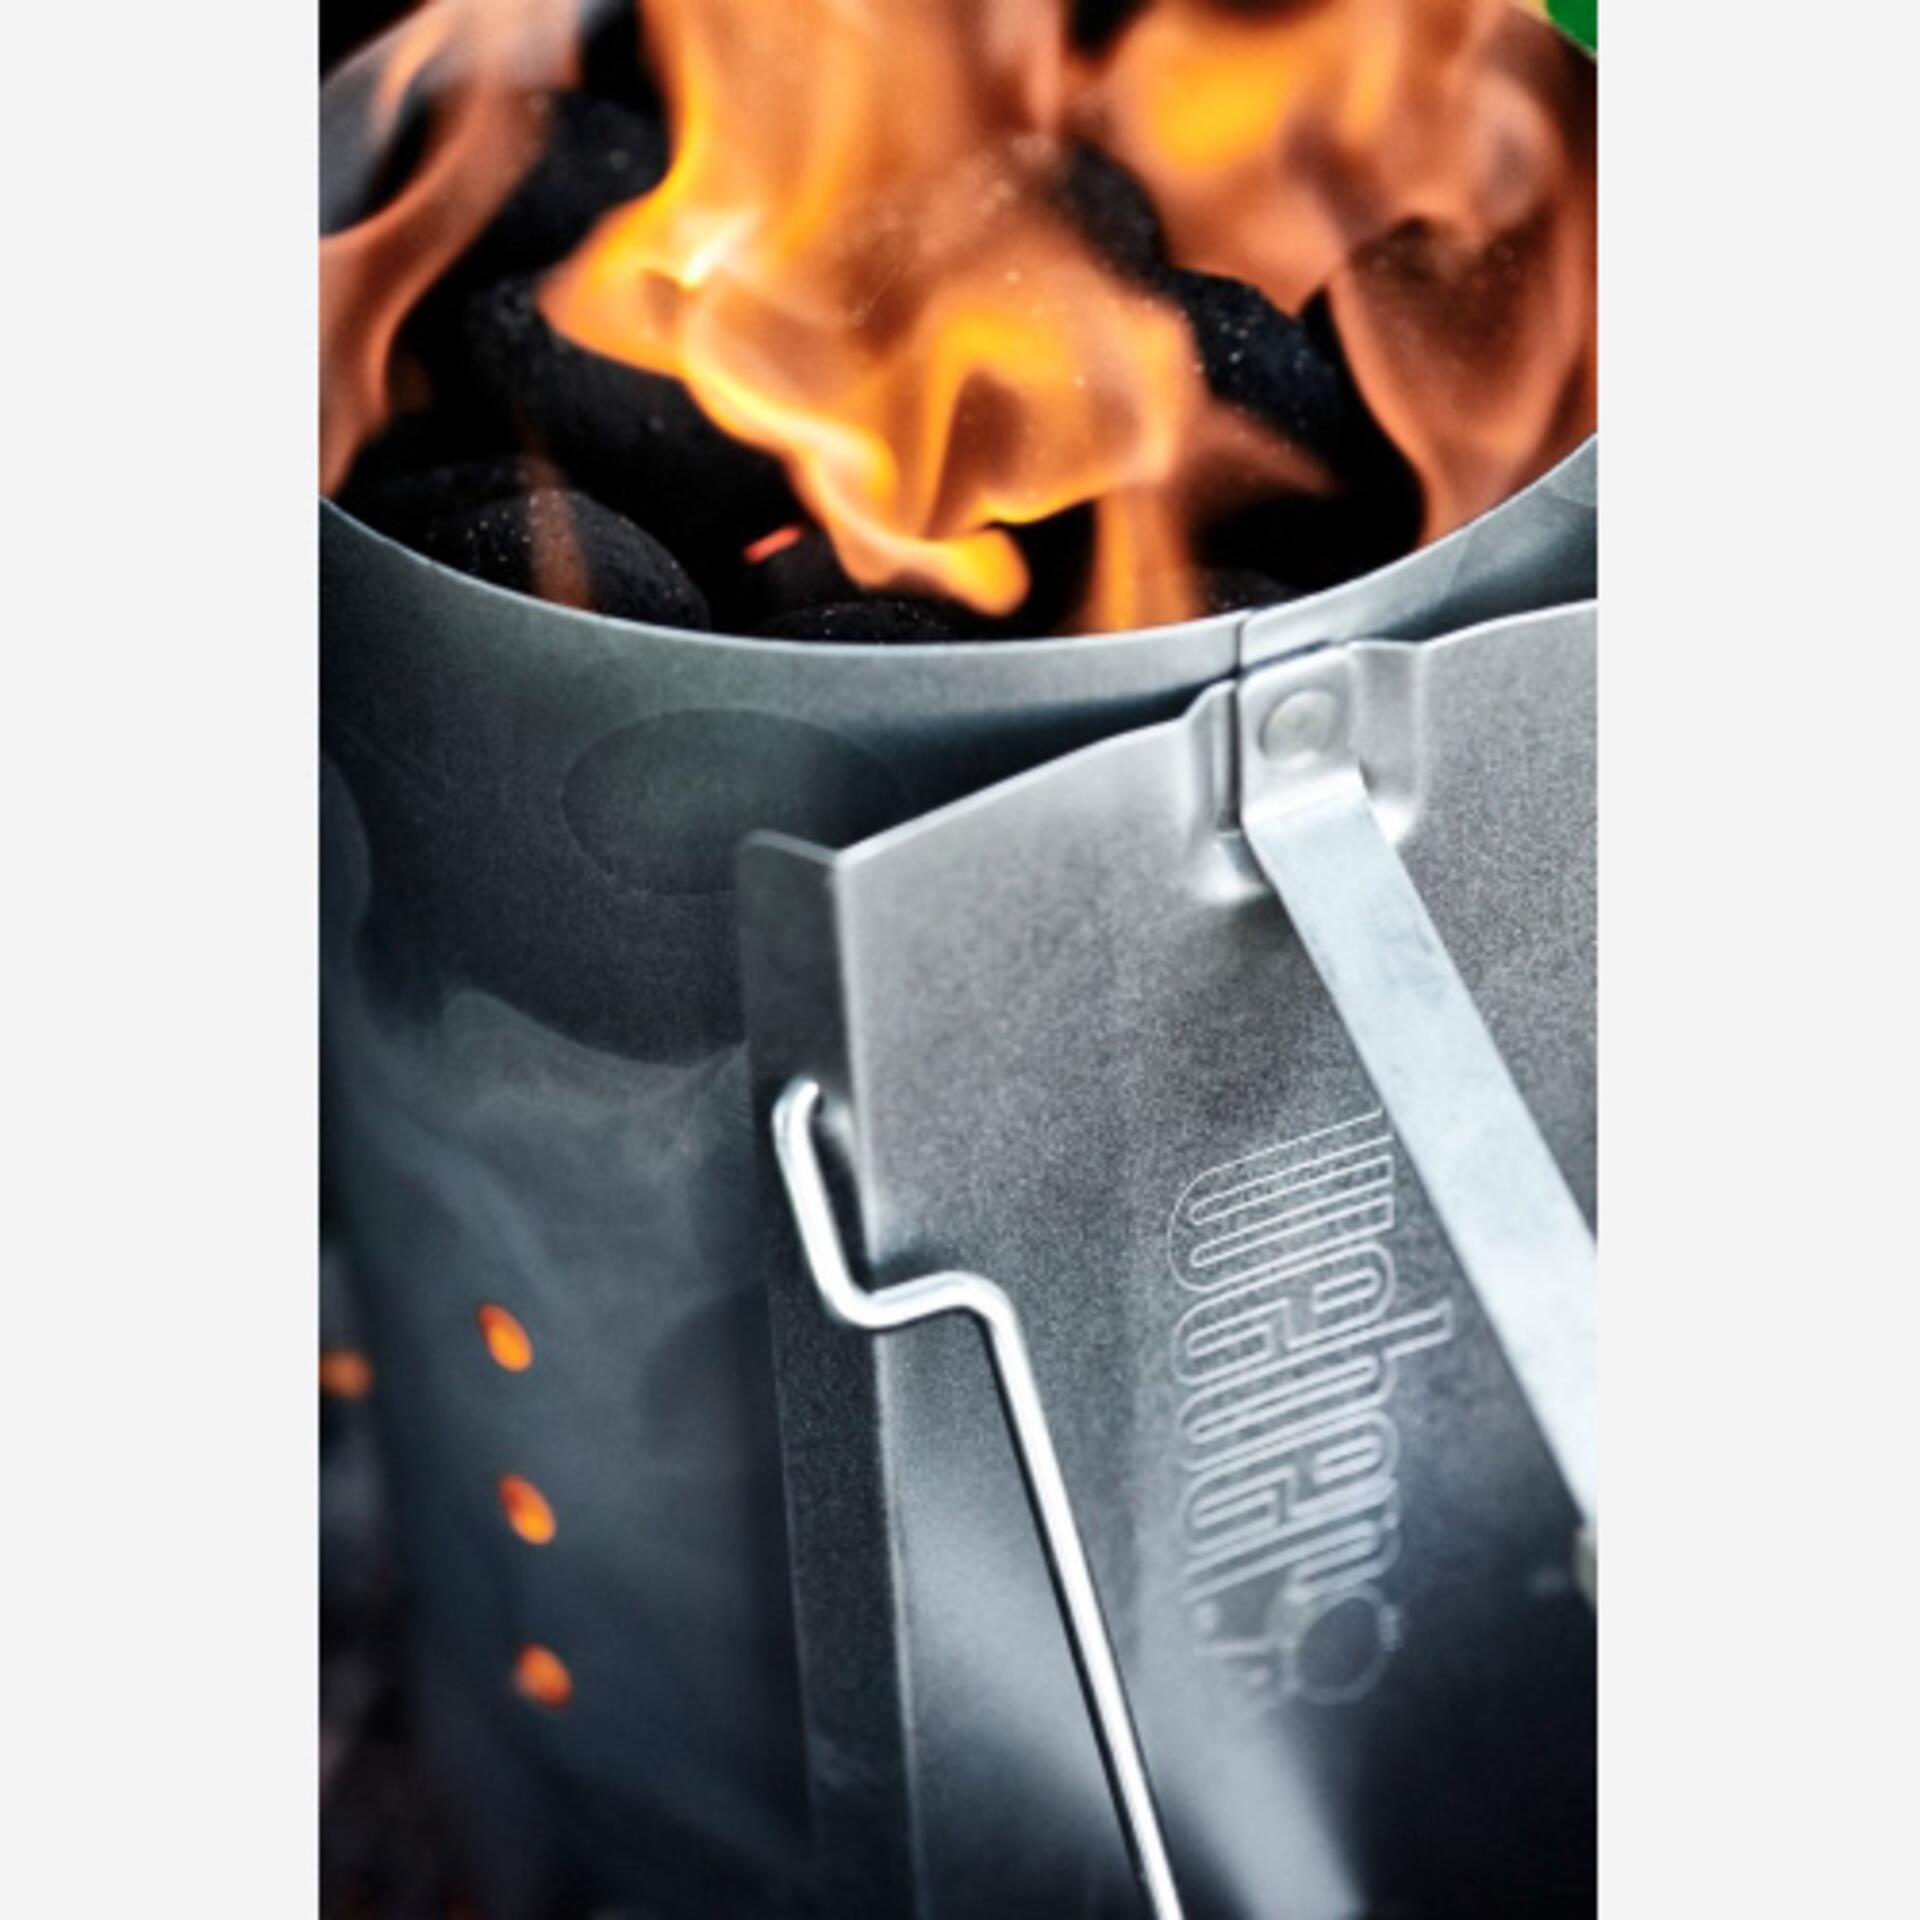 Weber Grillseminar Winter BBQ 16.11.2021